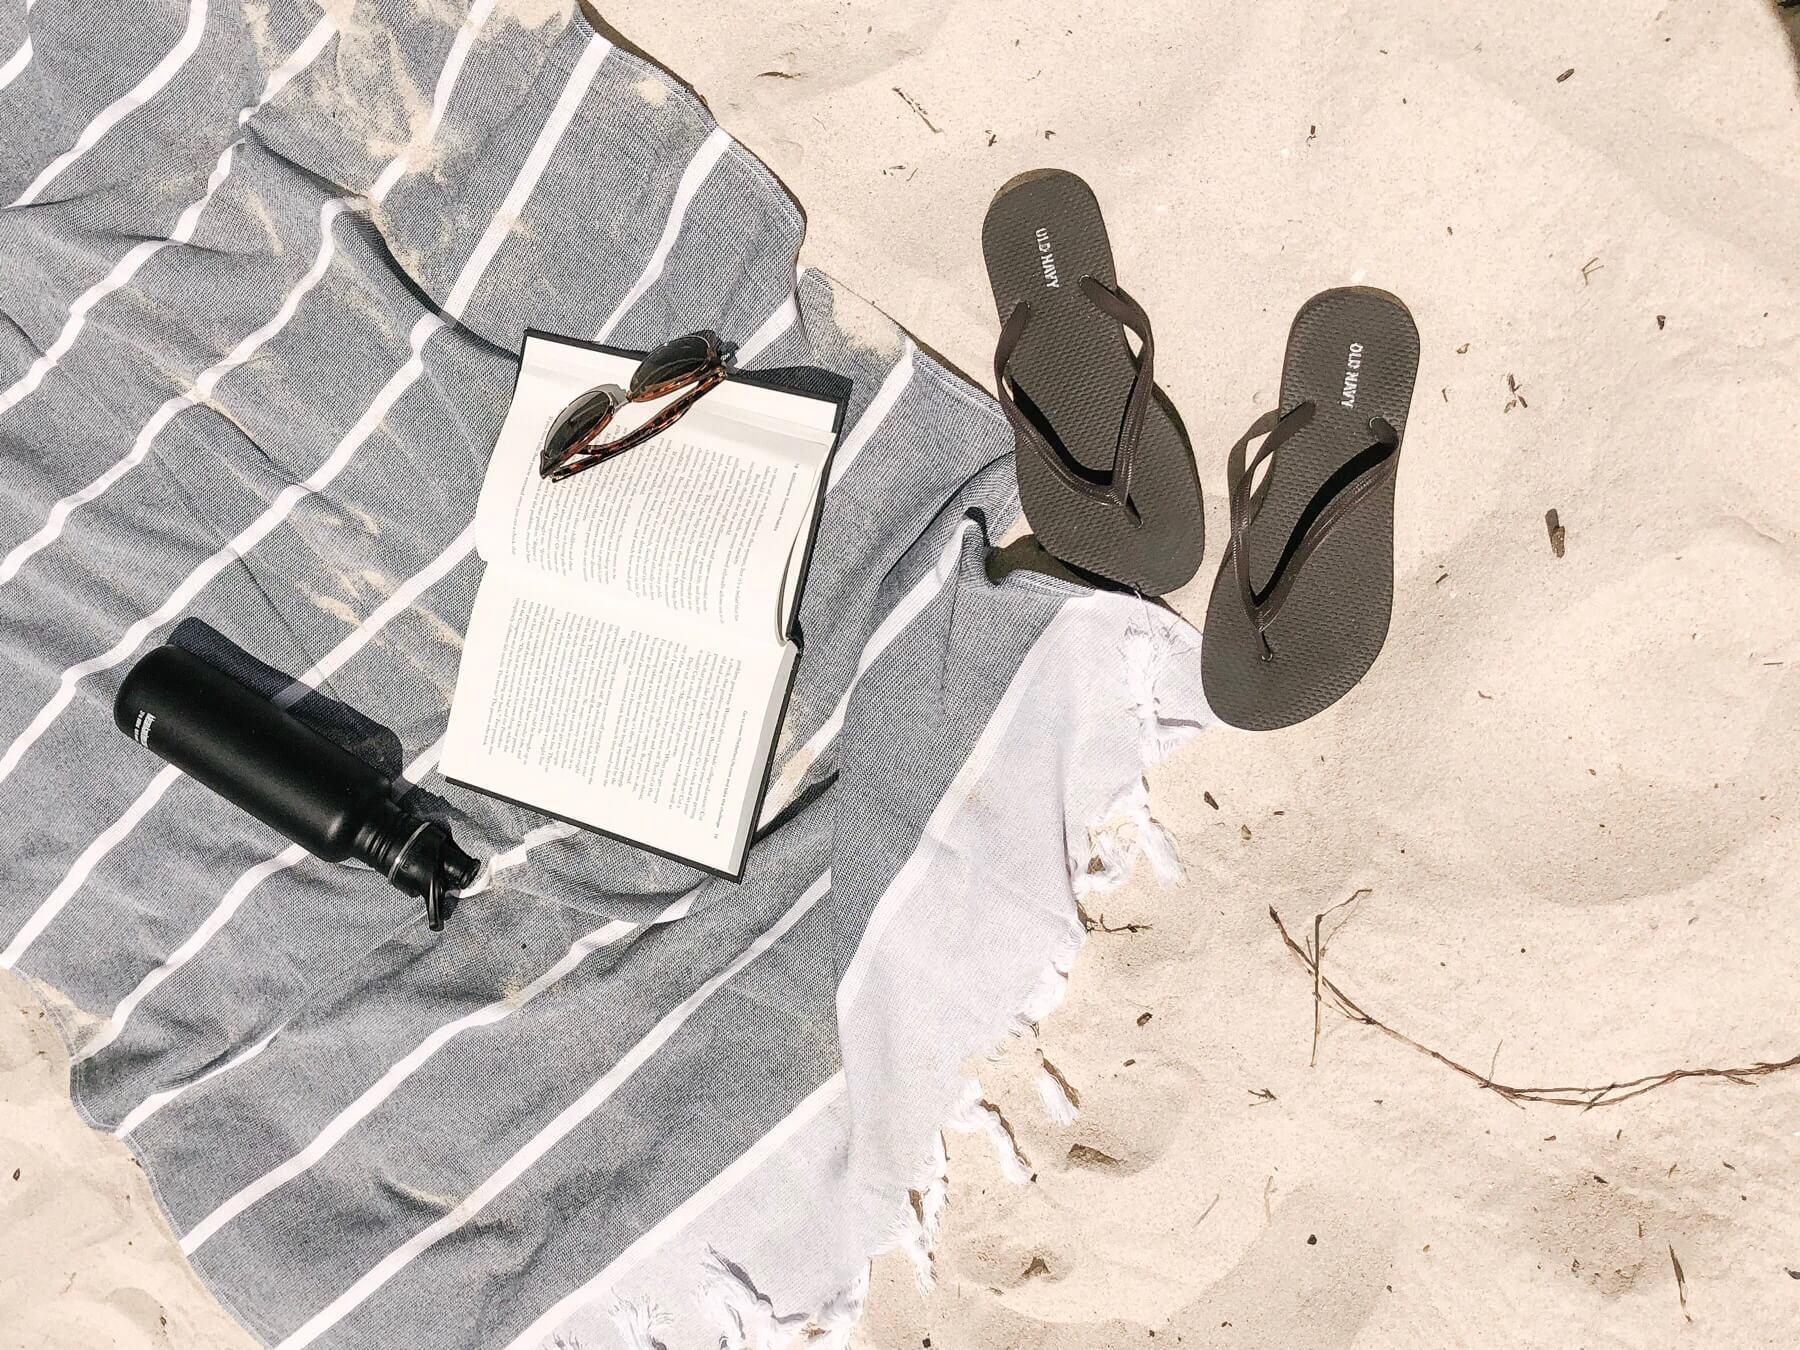 砂の上にあるサンダルと本